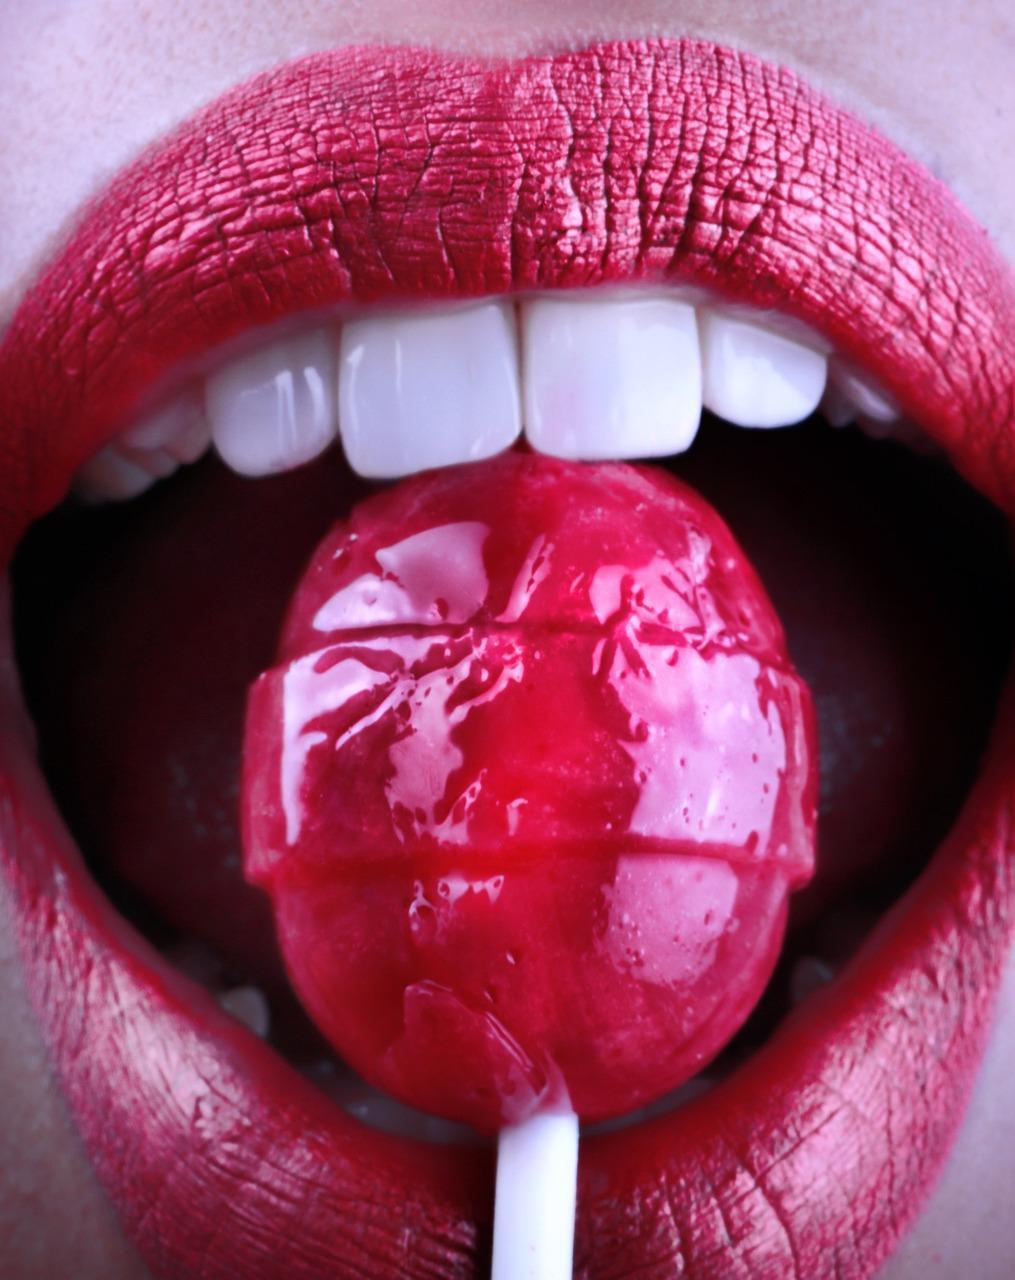 Quelles habitudes alimentaires fragilisent la santé des dents?